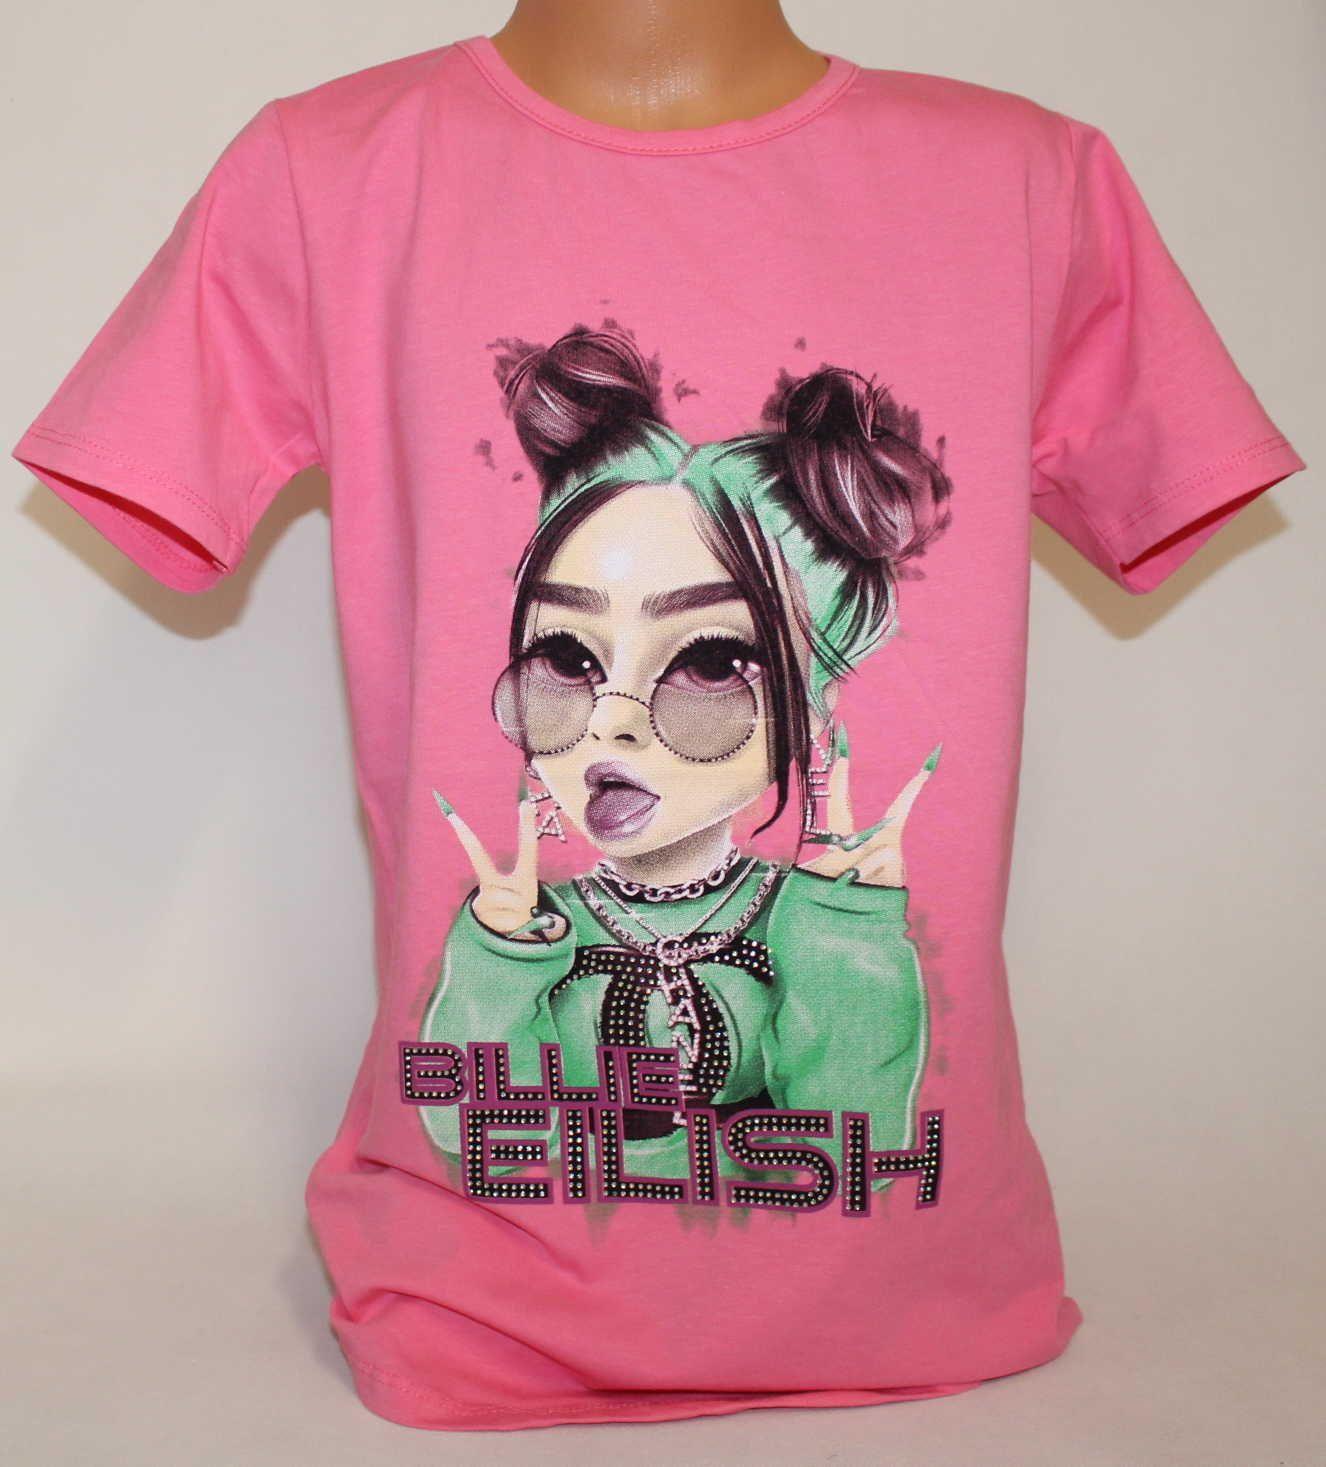 Triko krátký rukáv Billie Eilish, dívčí tričkoBillie Eilish, oblečení Billie Eilish, bavlněné tričko Billie Eilish, sv.růžové tričko Billie Eilish, růžové tričko